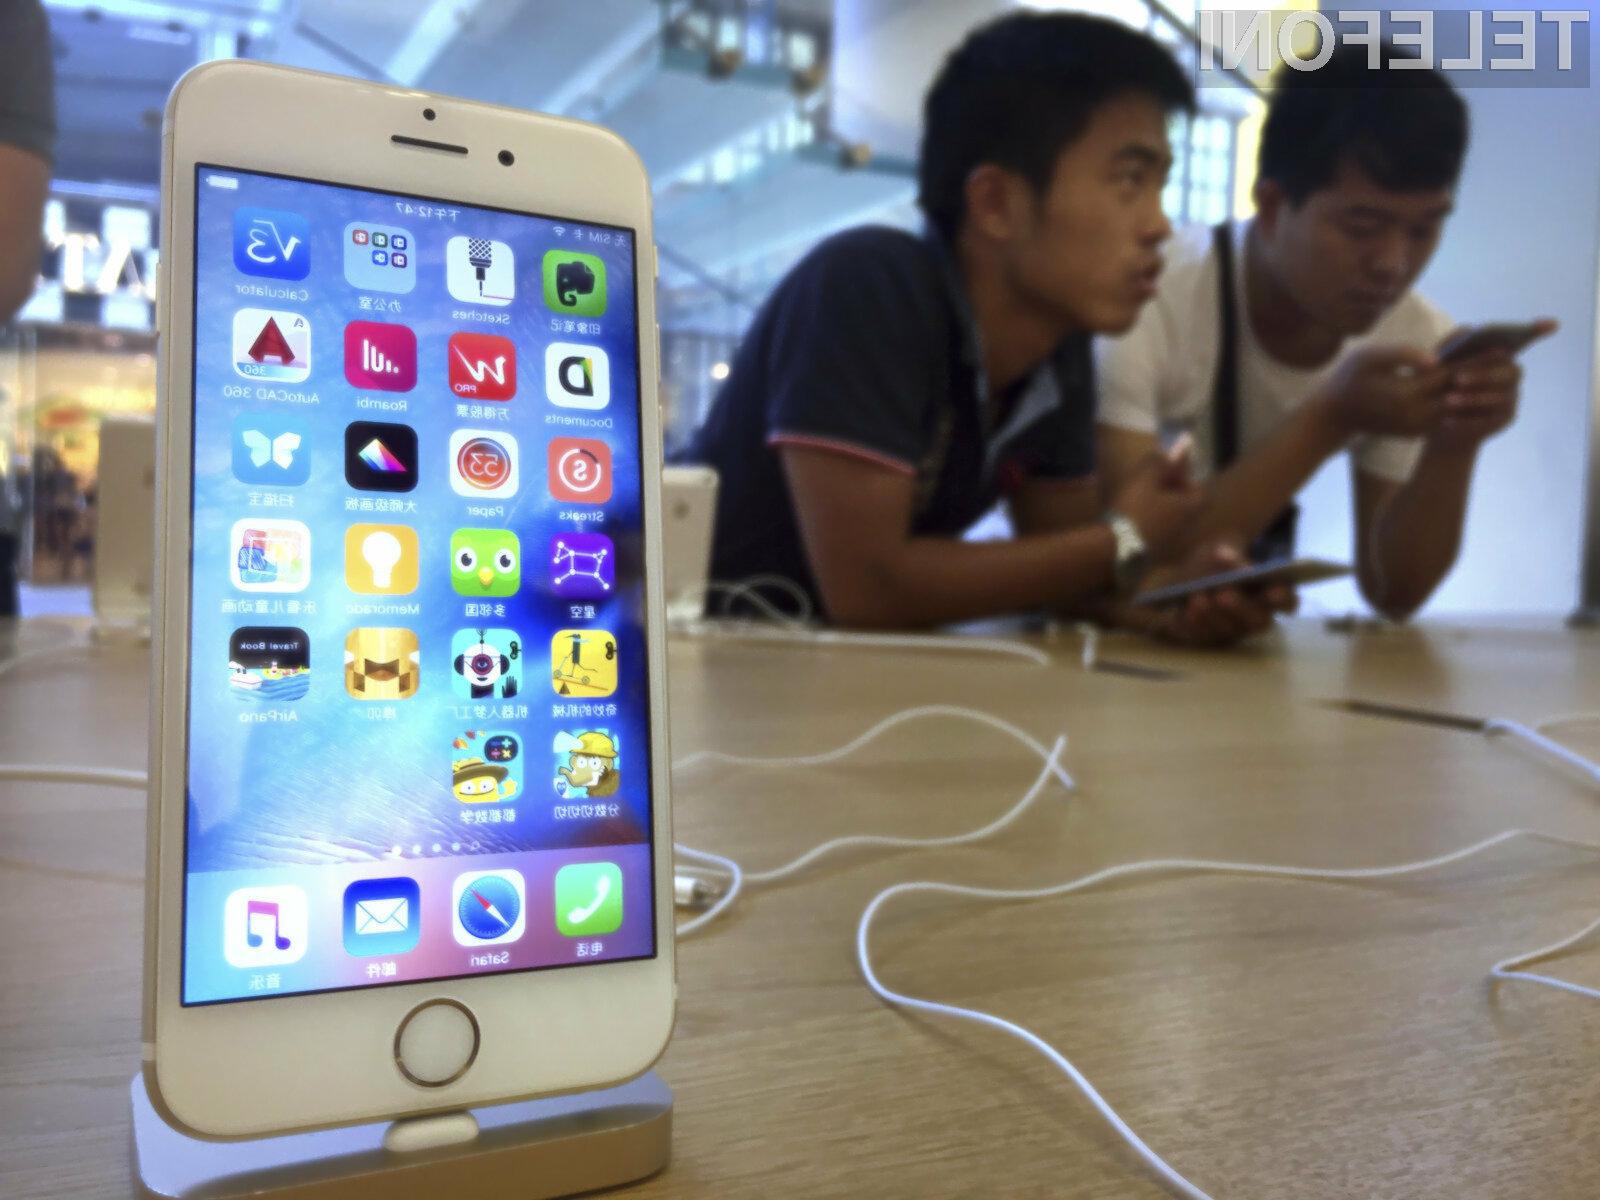 Pri podjetju Apple so prepričani, da bo posodobitev operacijskega sistema iOS dovolj za odpravo prepoved prodaje telefonov iPhone na Kitajskem.